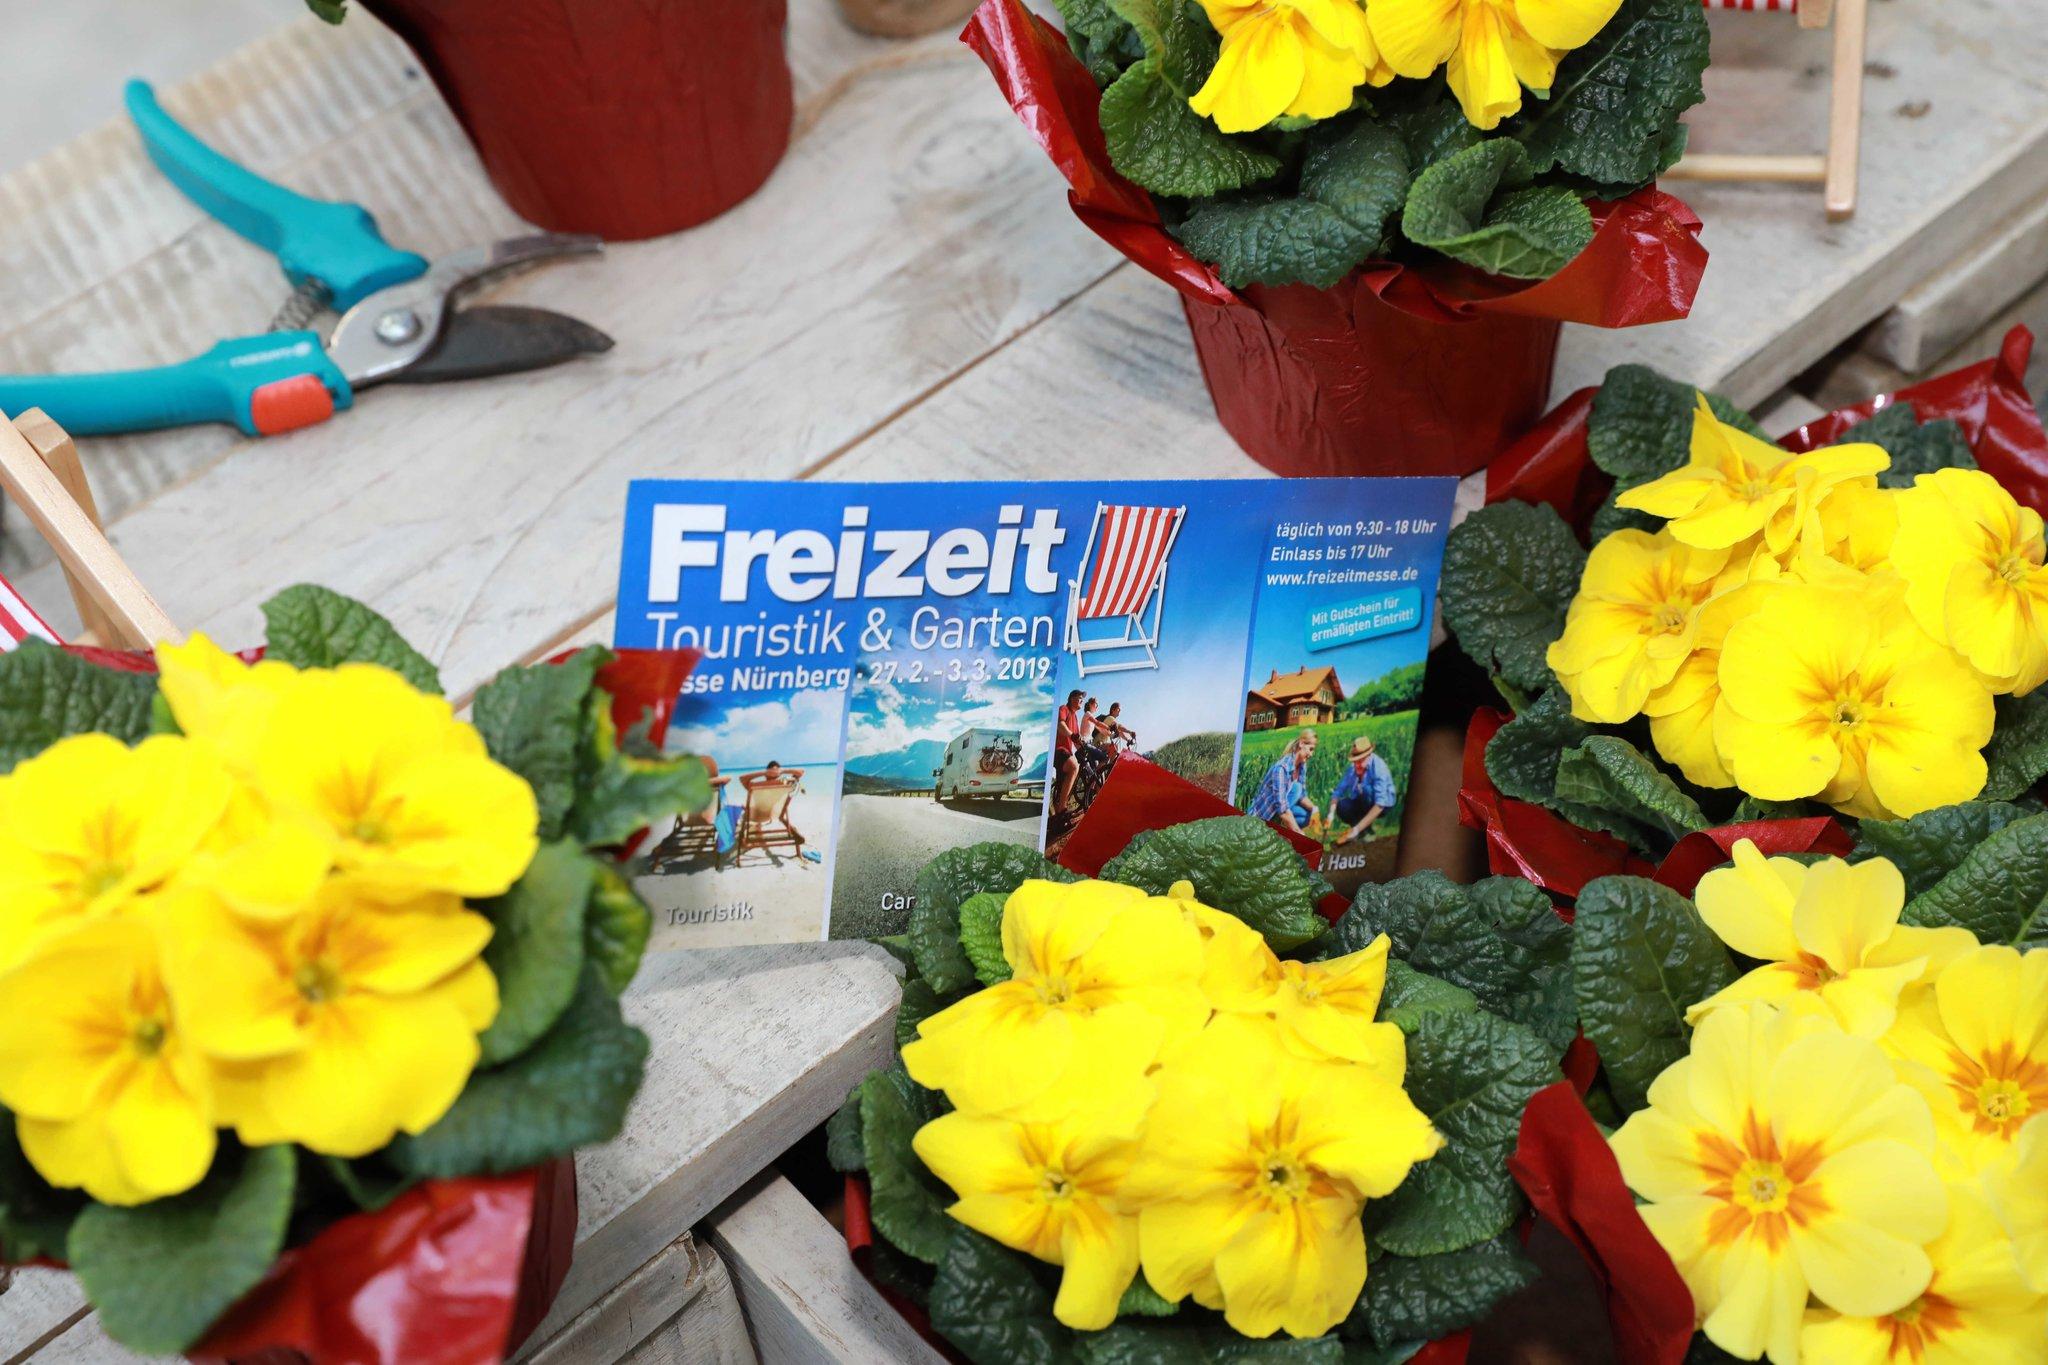 Eroffnung Freizeit Messe Nurnberg 2019 Erster Blick In Die Bluhenden Hallen Nurnberg